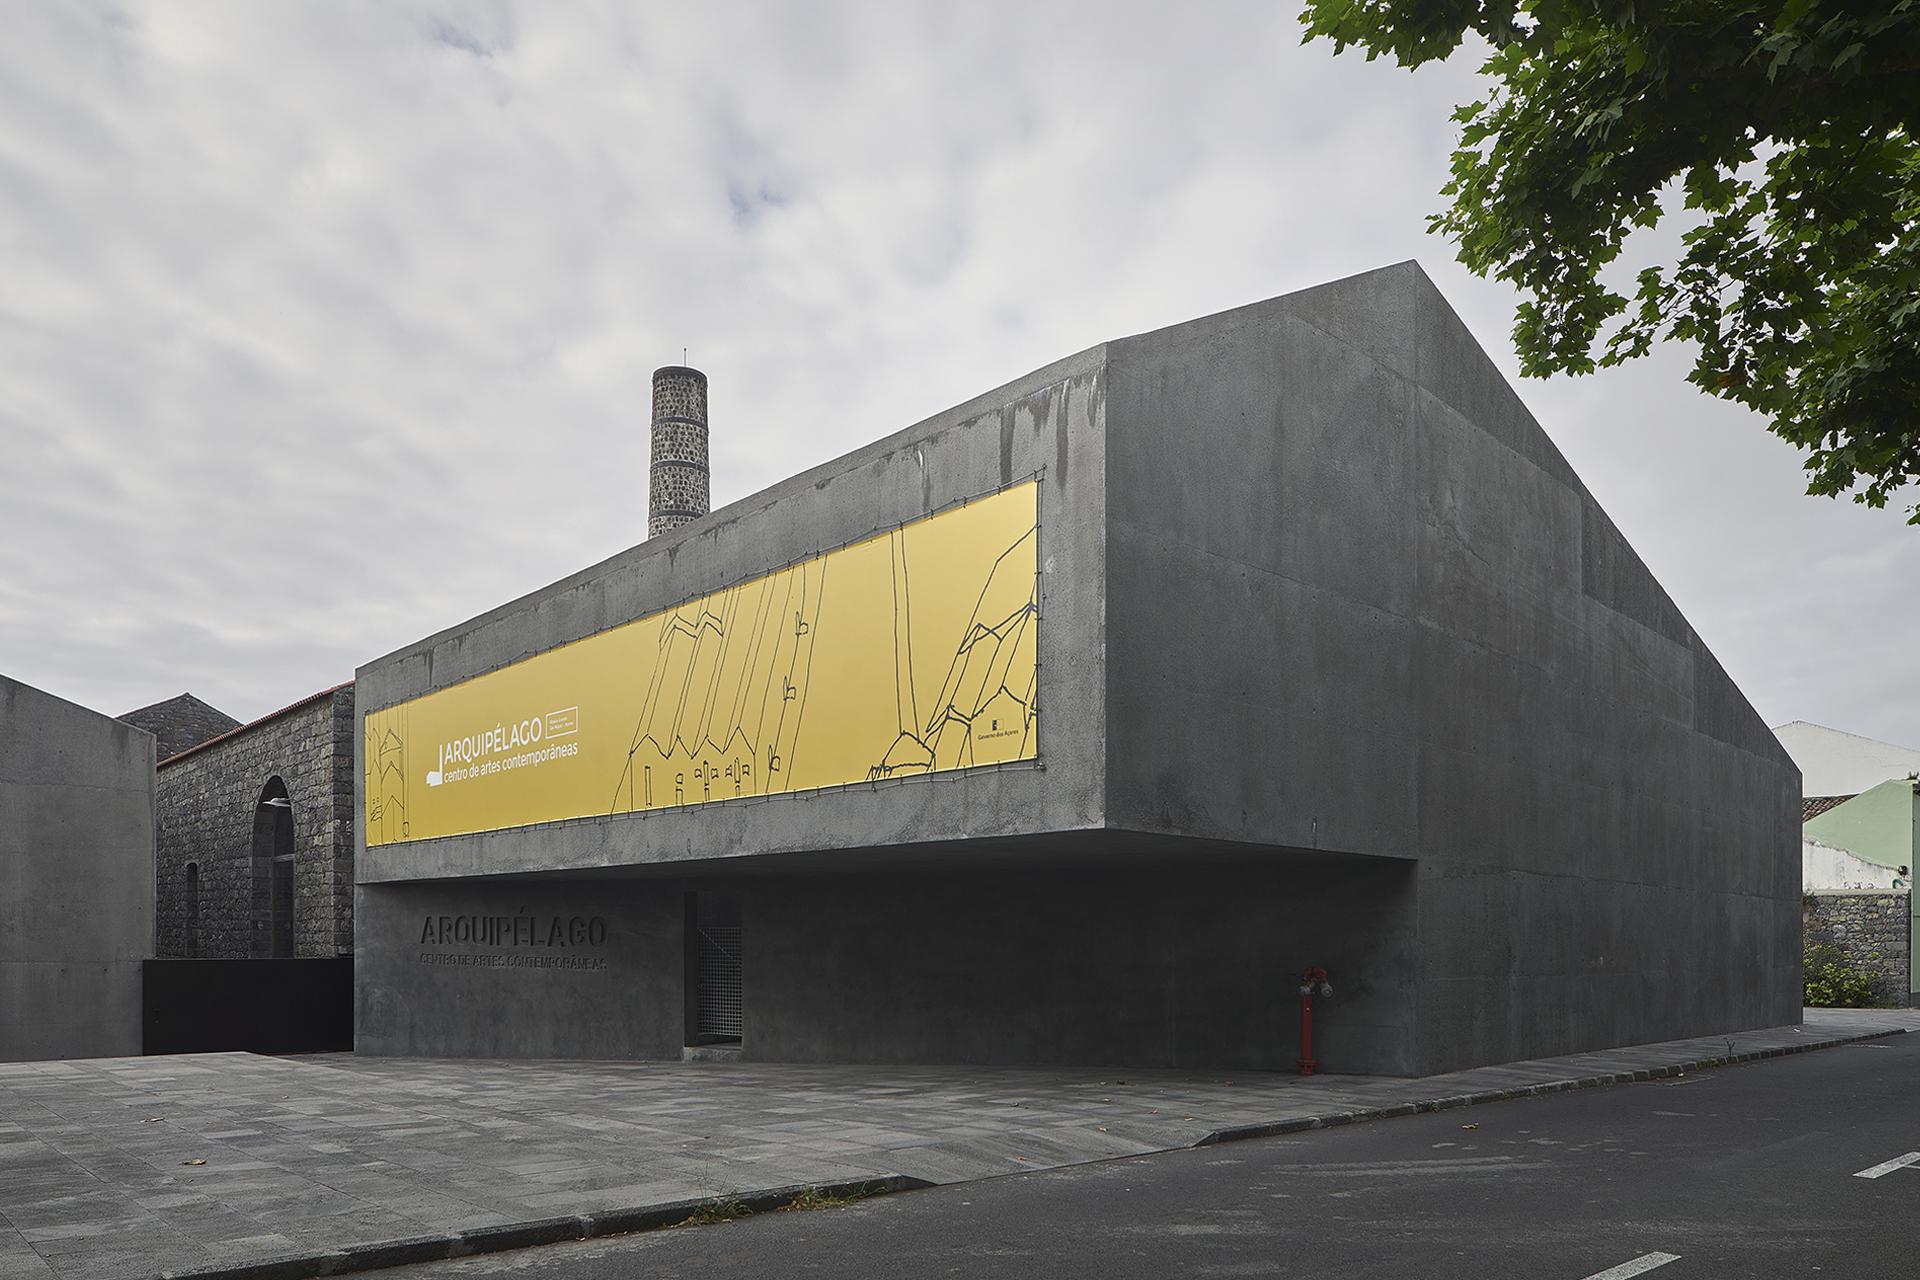 Arquipelago Centro de Artes 1